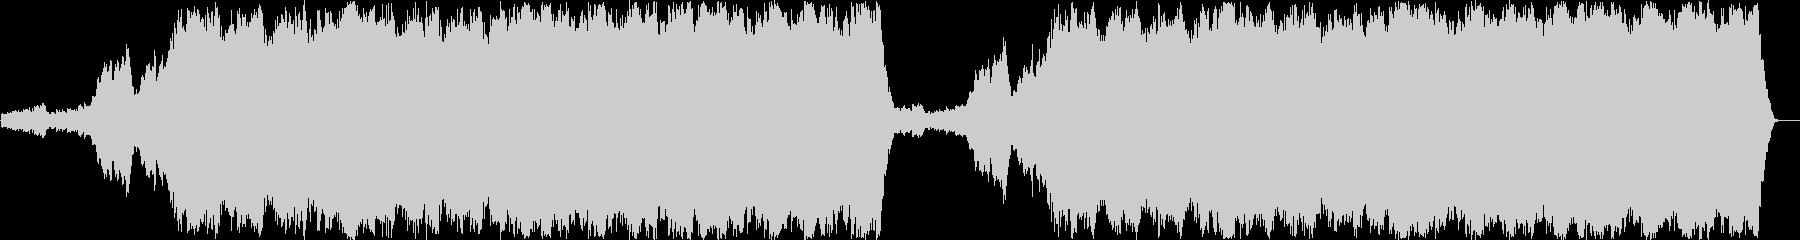 廃墟をイメージした儚い系ノイジーなBGMの未再生の波形